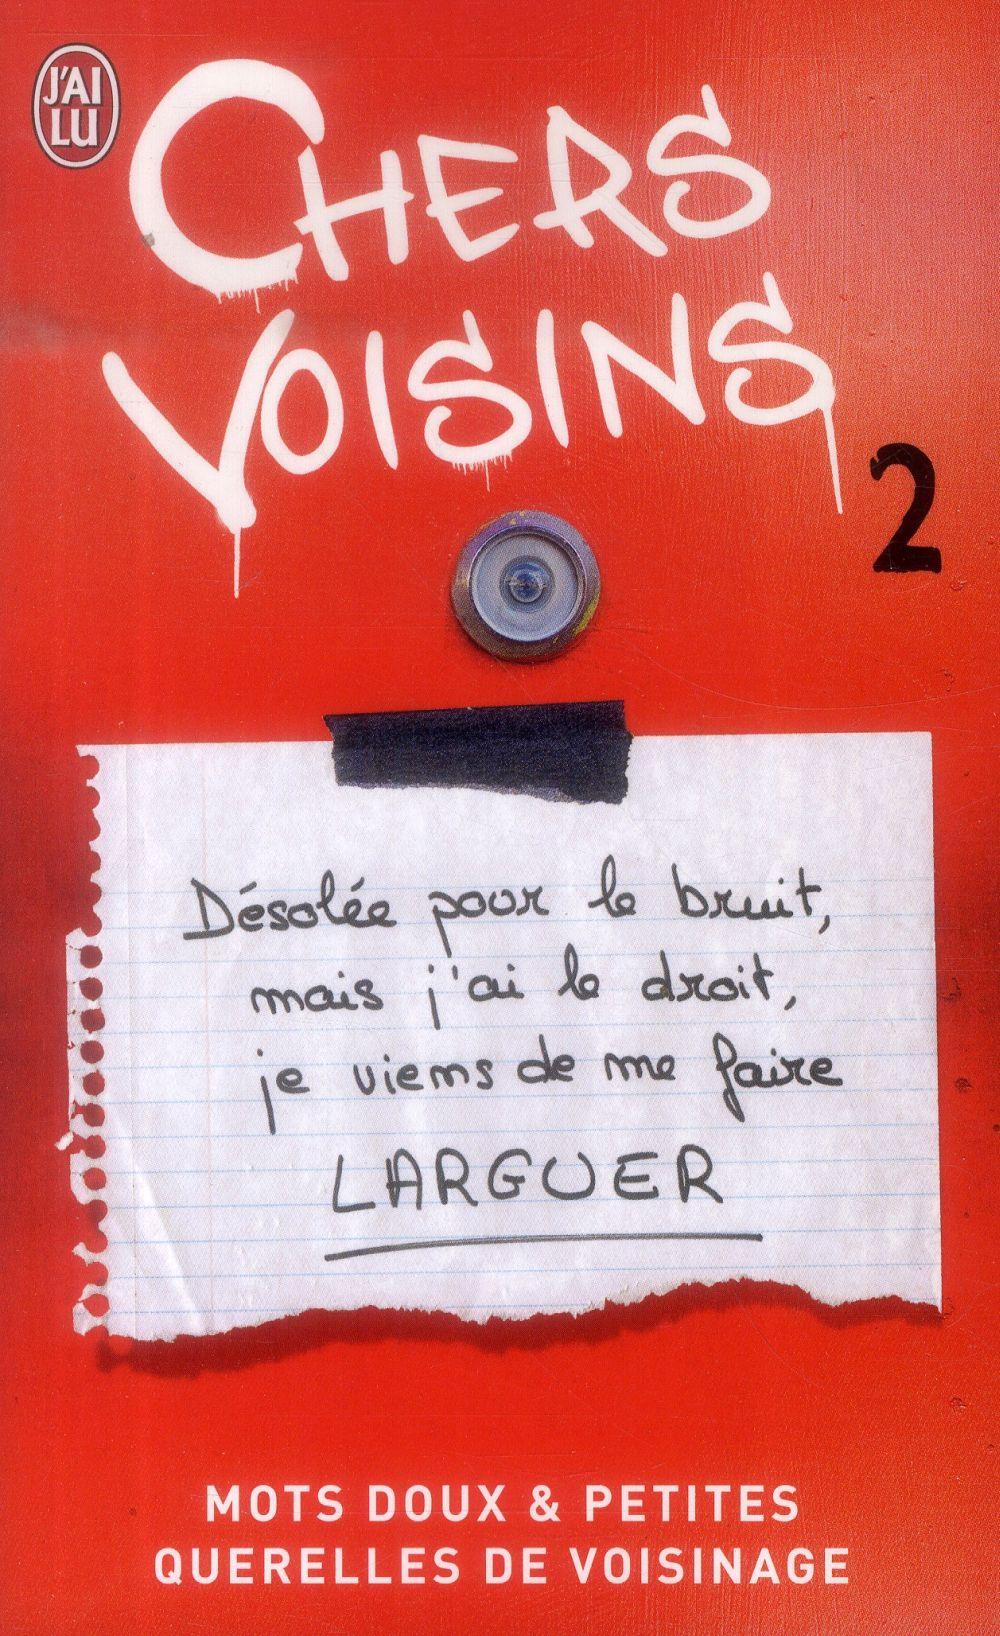 - CHERS VOISINS - 2 - MOTS DOUX ET PETITES QUERELLES DE VOISINAGE